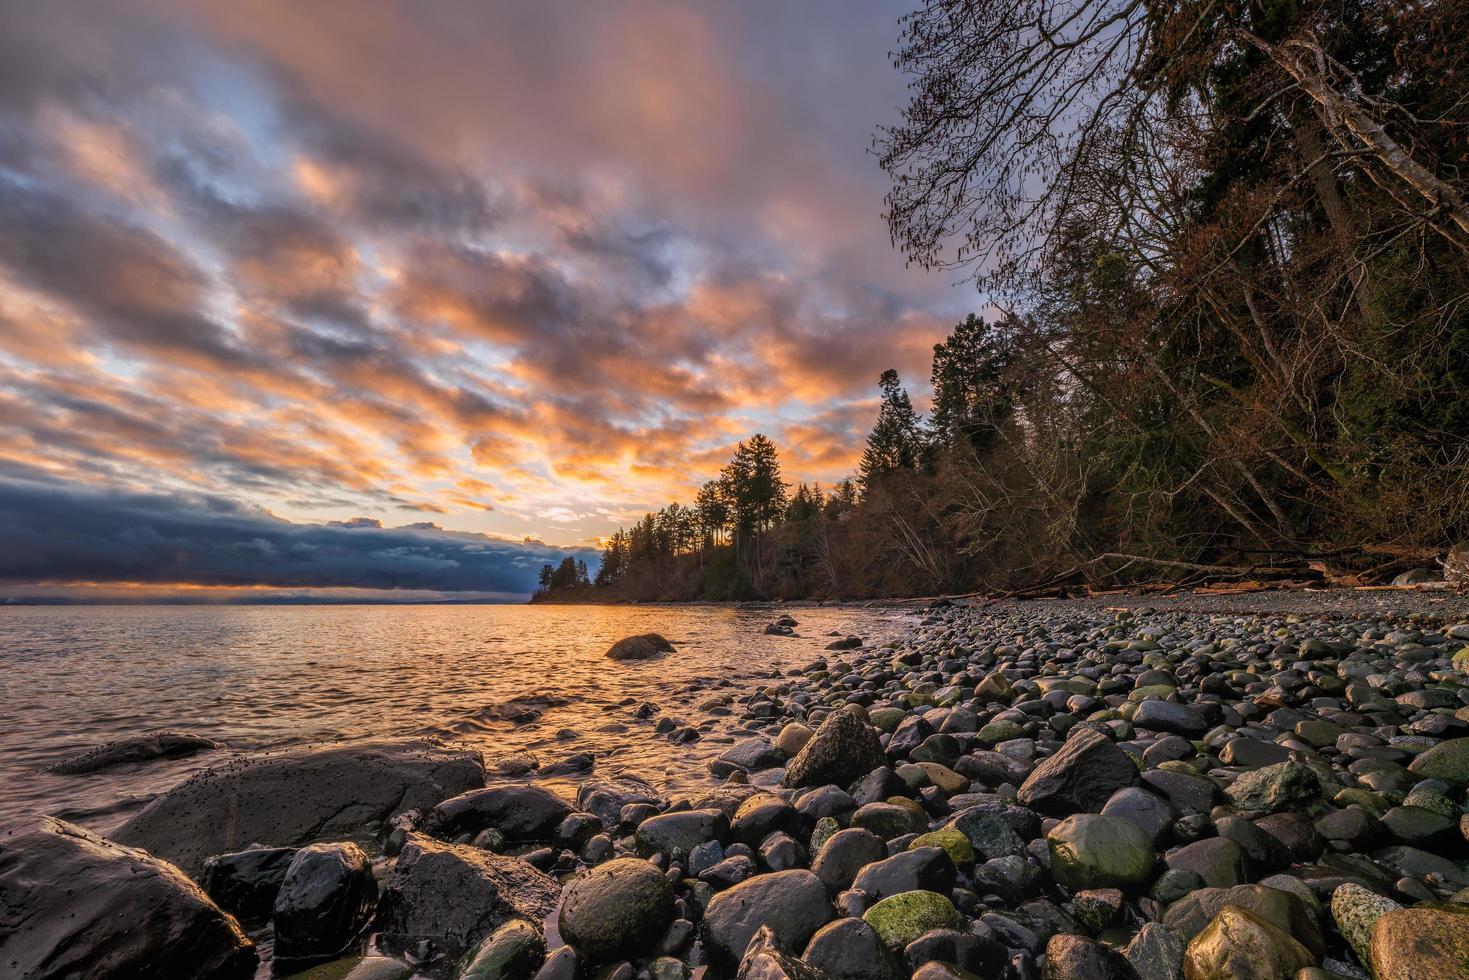 rivage rocheux au coucher du soleil photo